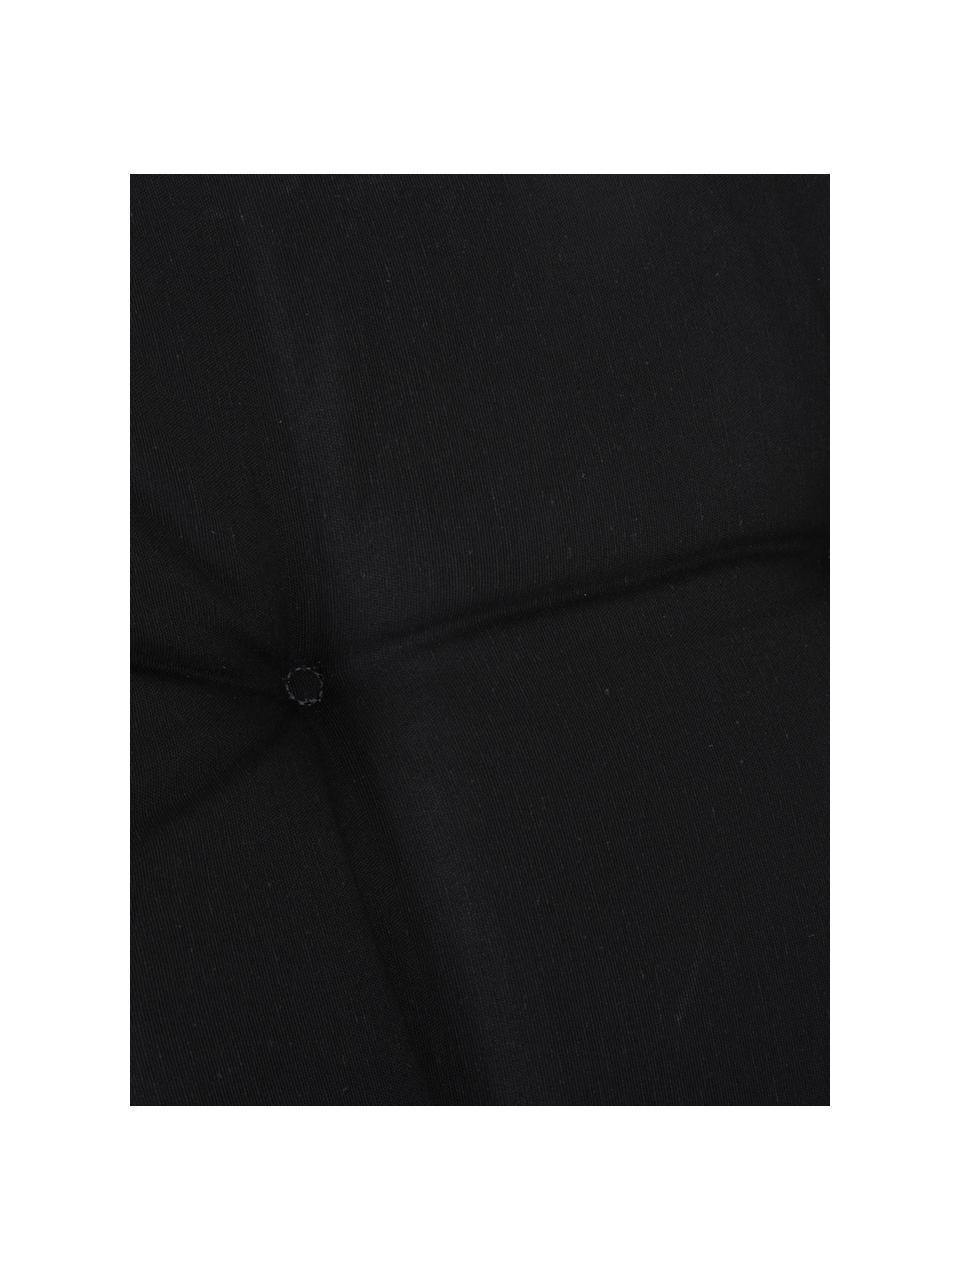 Einfarbige Hochlehner-Stuhlauflage Panama in Schwarz, Bezug: 50% Baumwolle, 50%Polyes, Schwarz, 50 x 123 cm